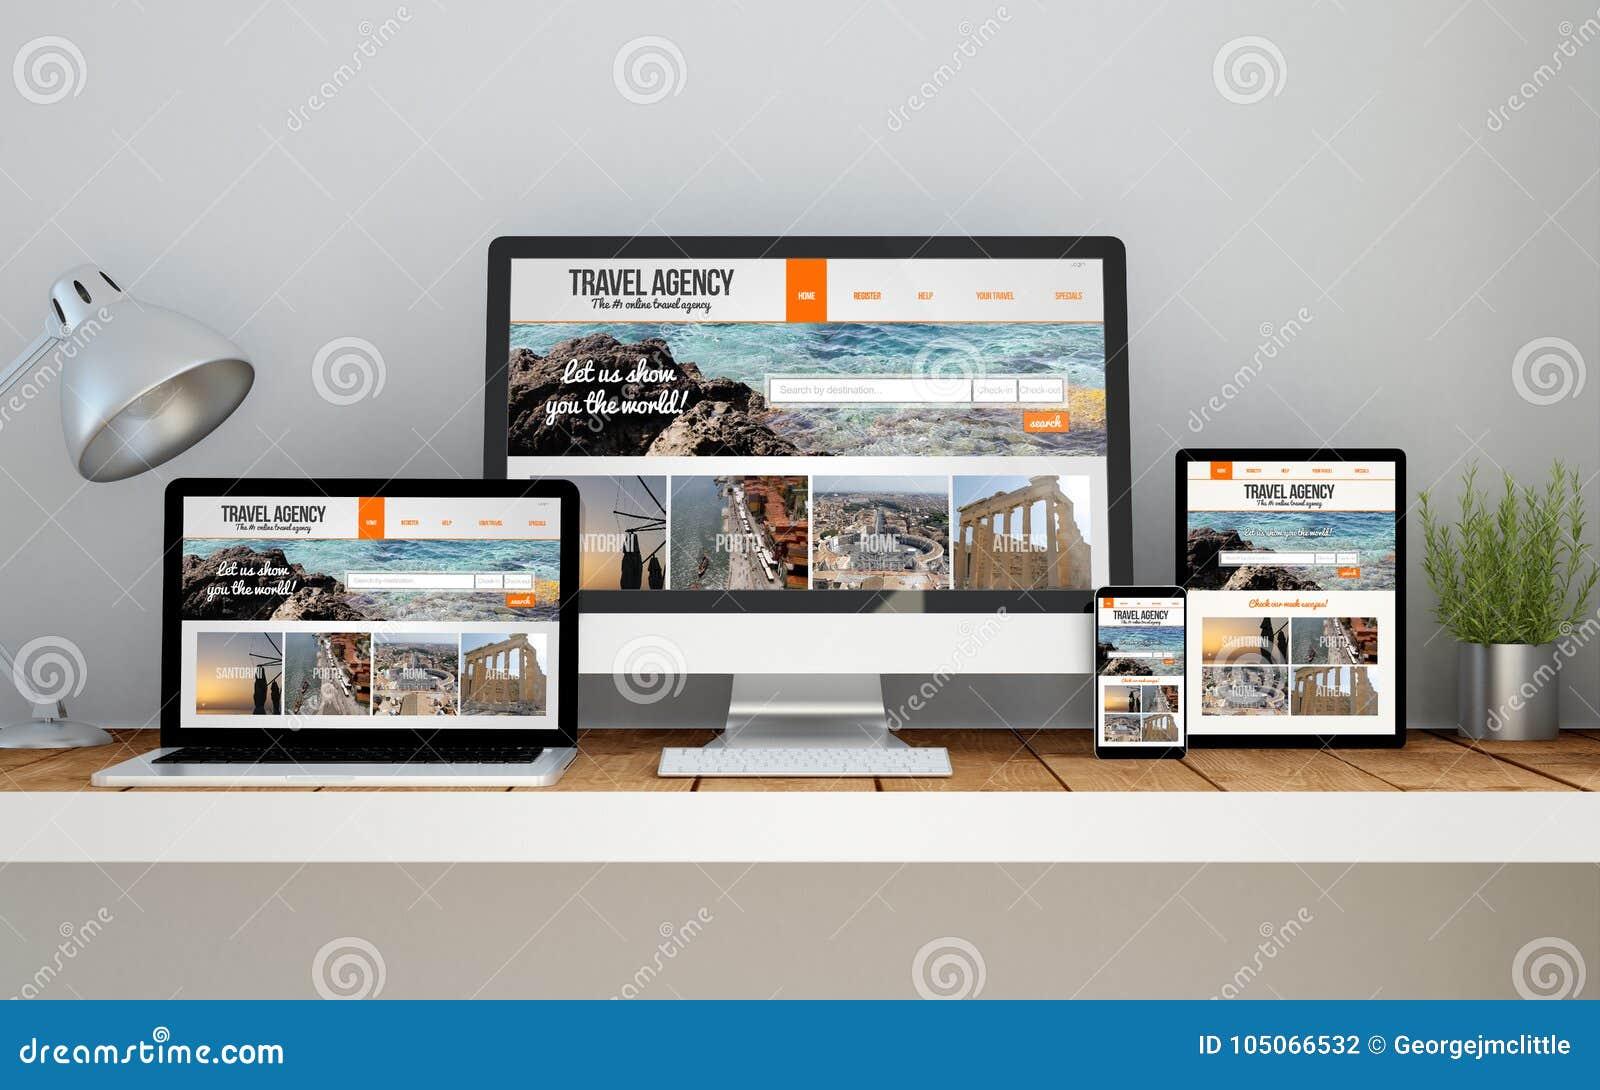 εργασιακός χώρος με το απαντητικό σε απευθείας σύνδεση responsiv ιστοχώρου ταξιδιού σχεδίου